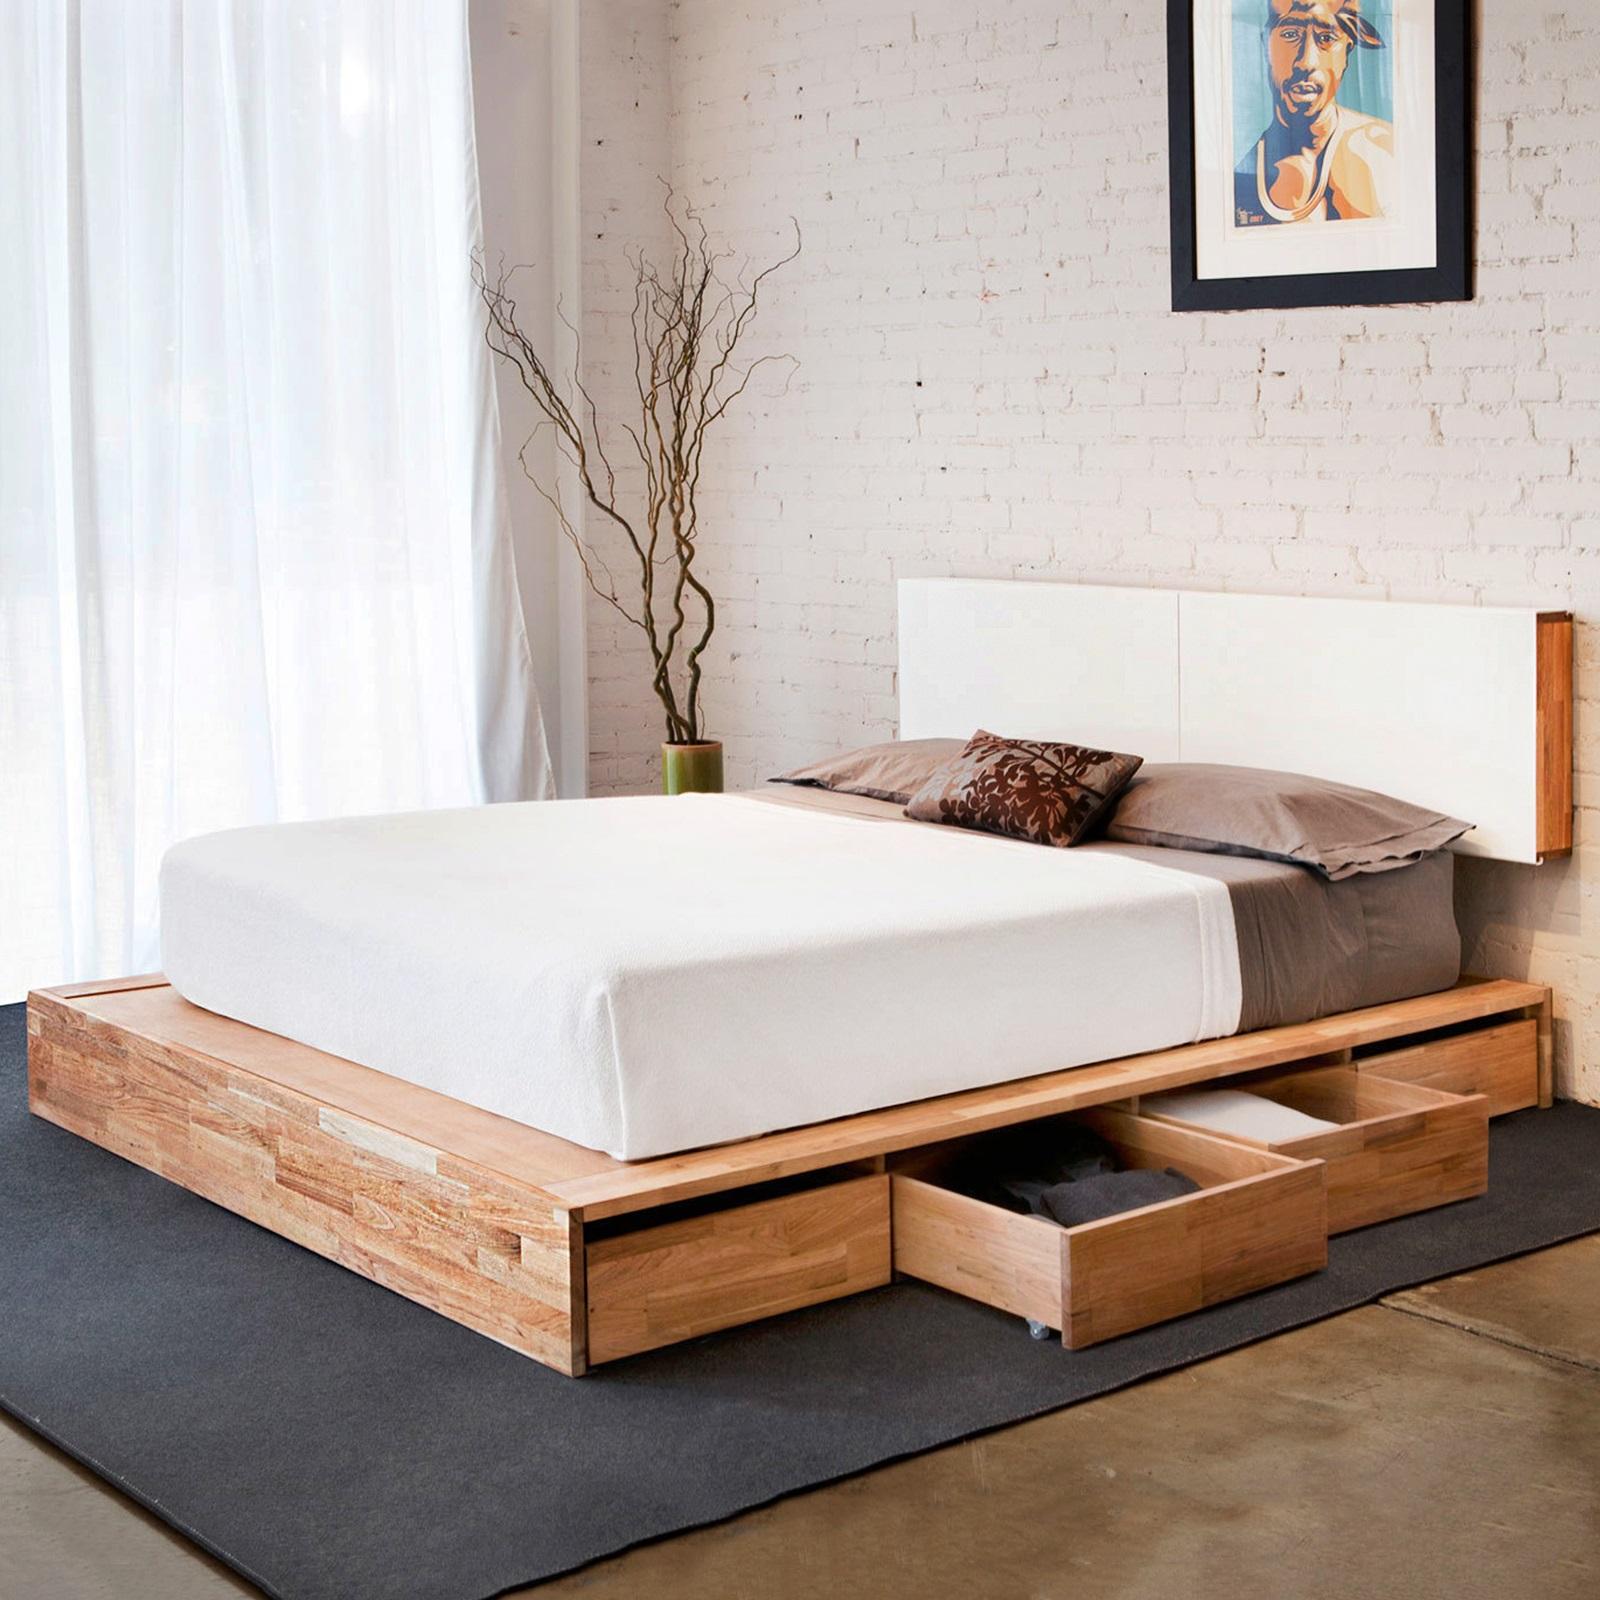 Кровать подиум своими руками от а до